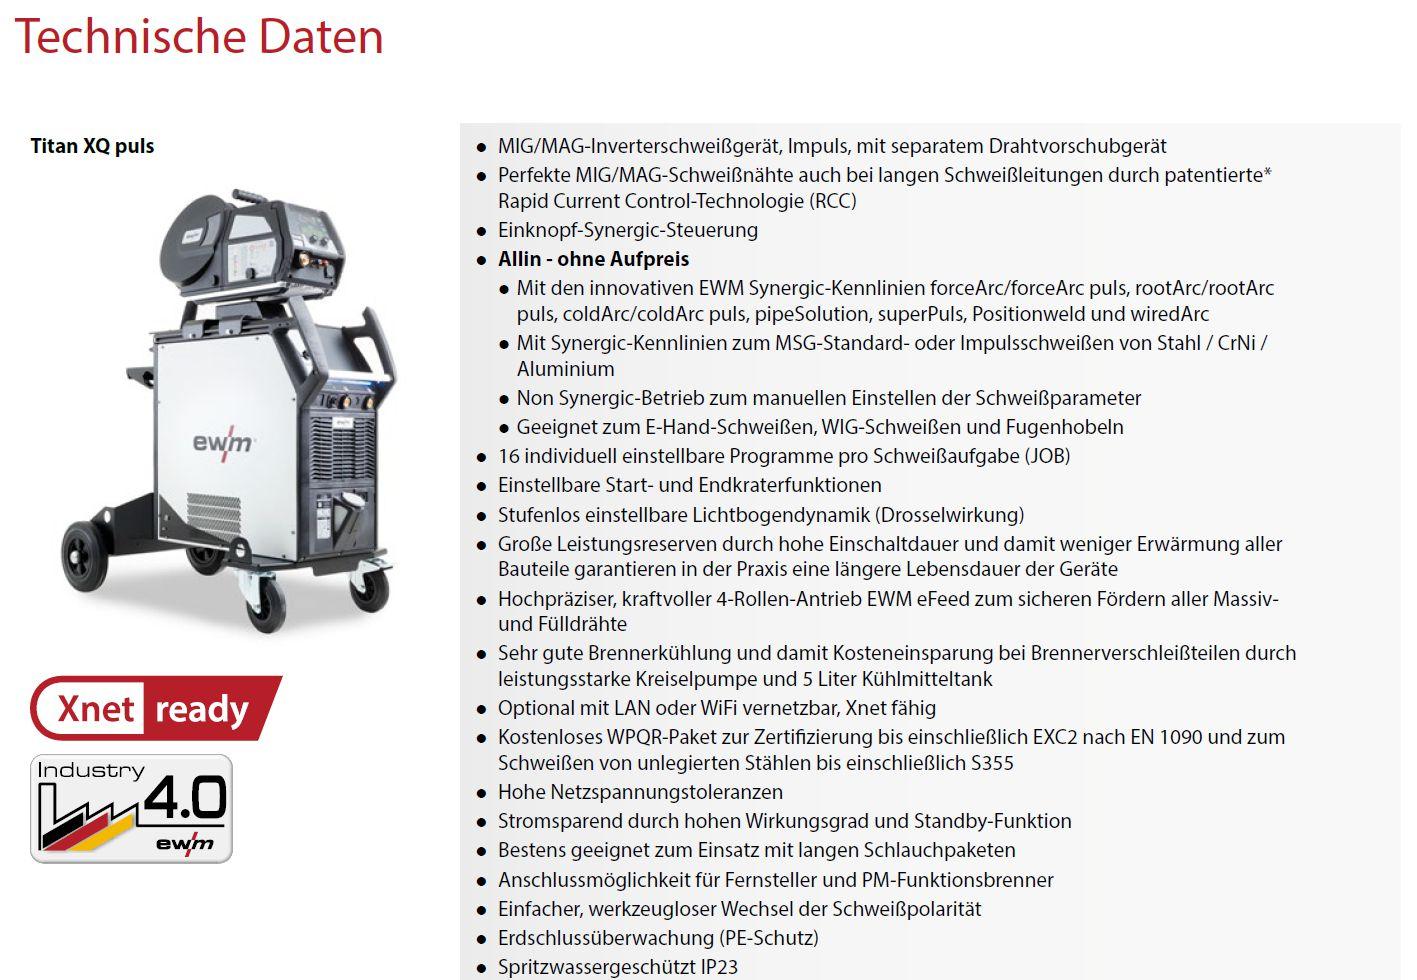 Konfigurator ewm Titan XQ - konfigurieren Sie Ihre pers